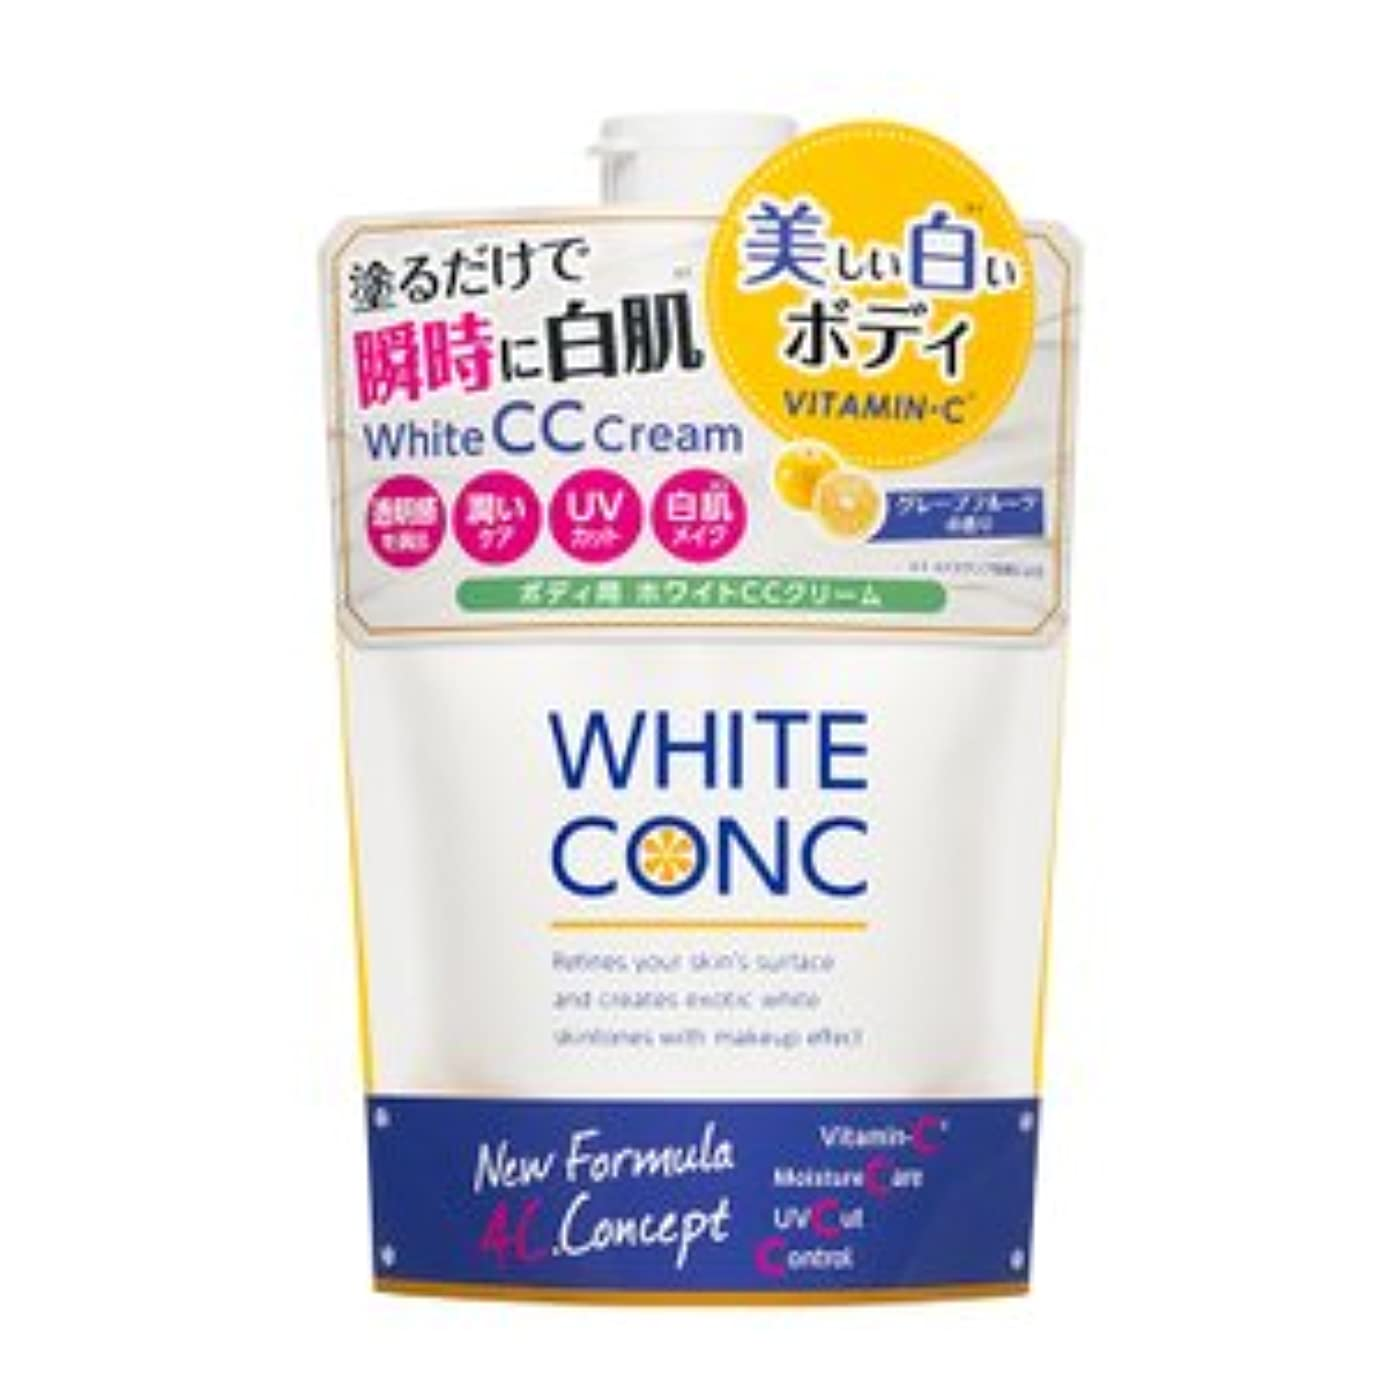 連合チロ再現する薬用ホワイトコンクホワイトCCクリーム 200g